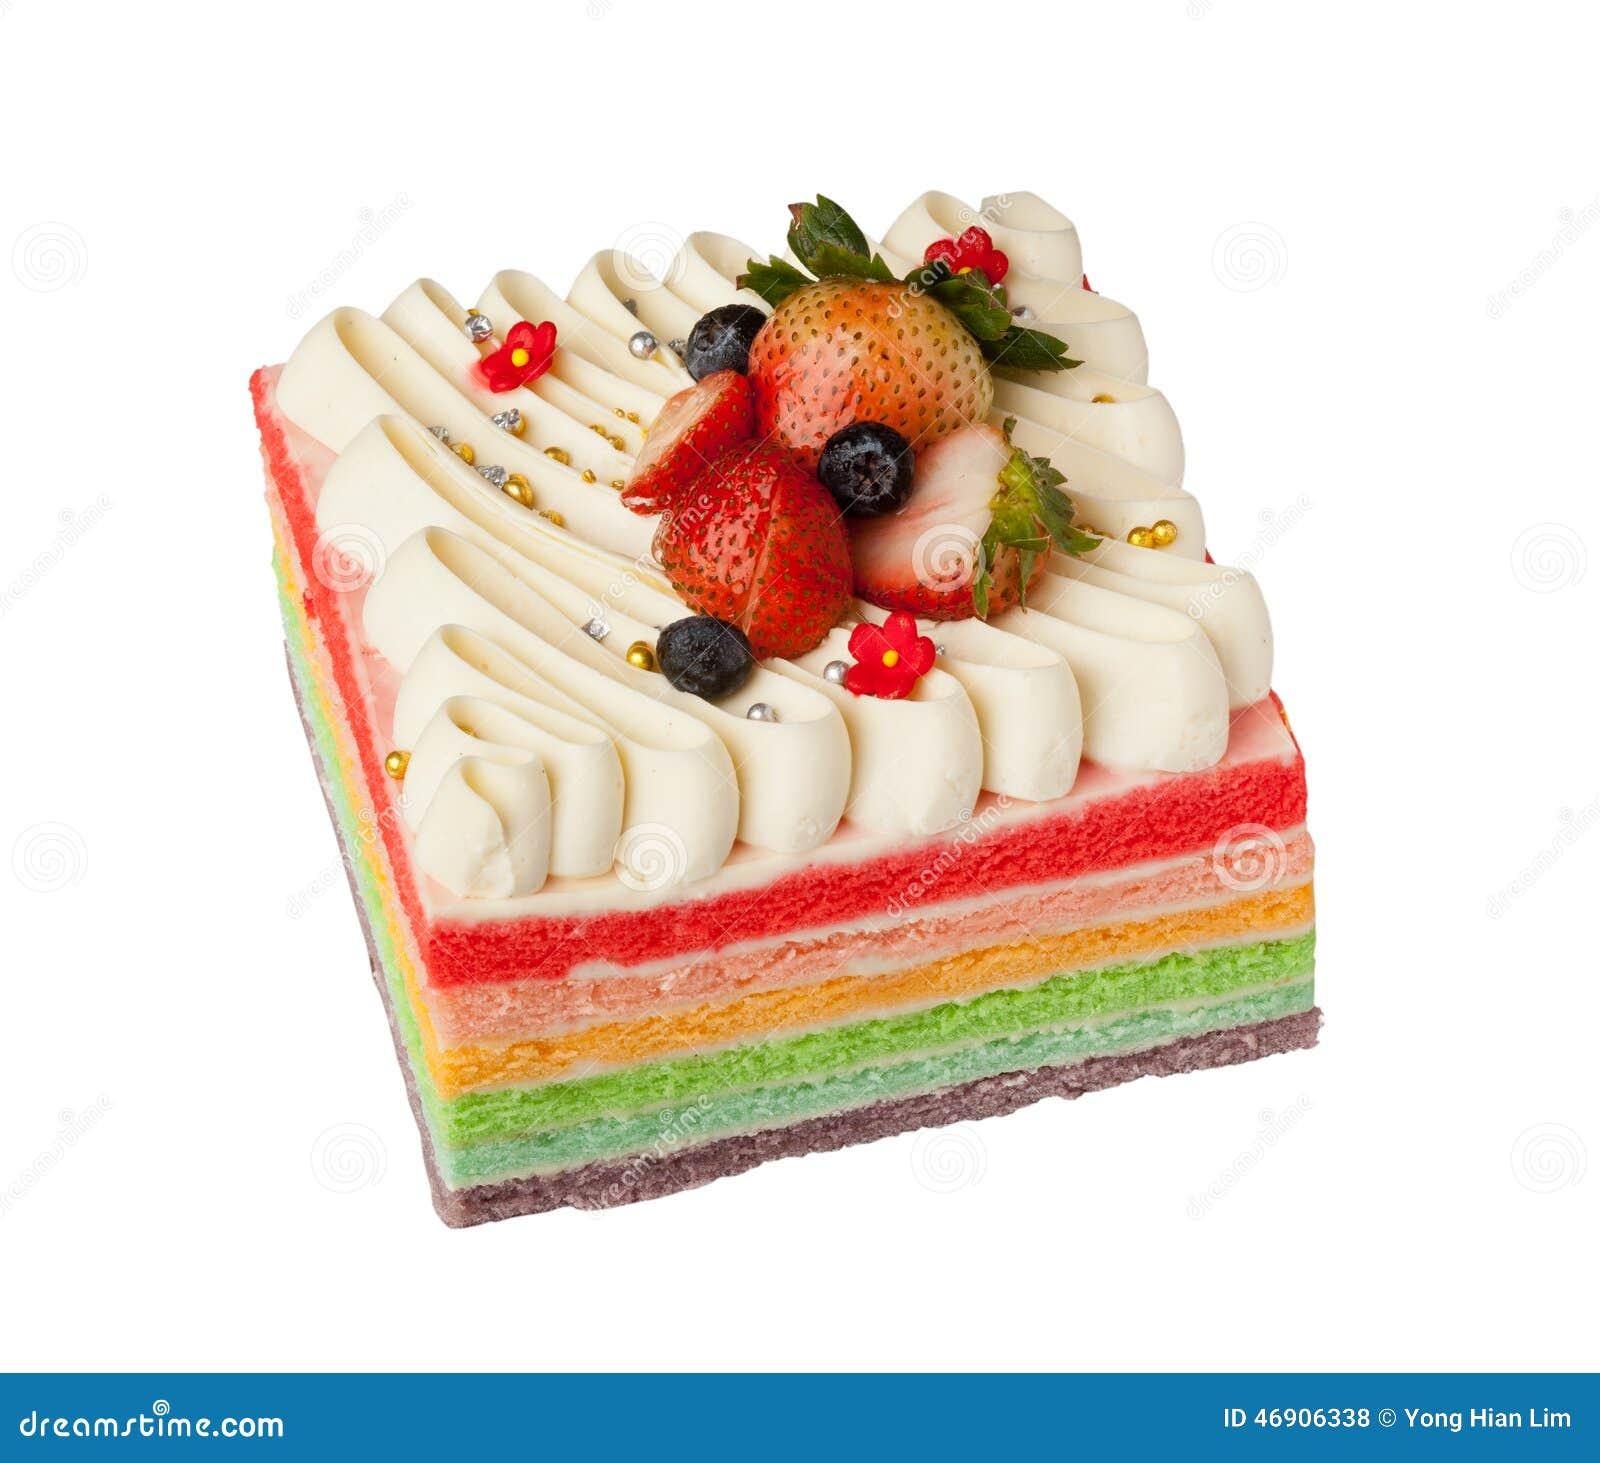 彩虹蛋糕图片